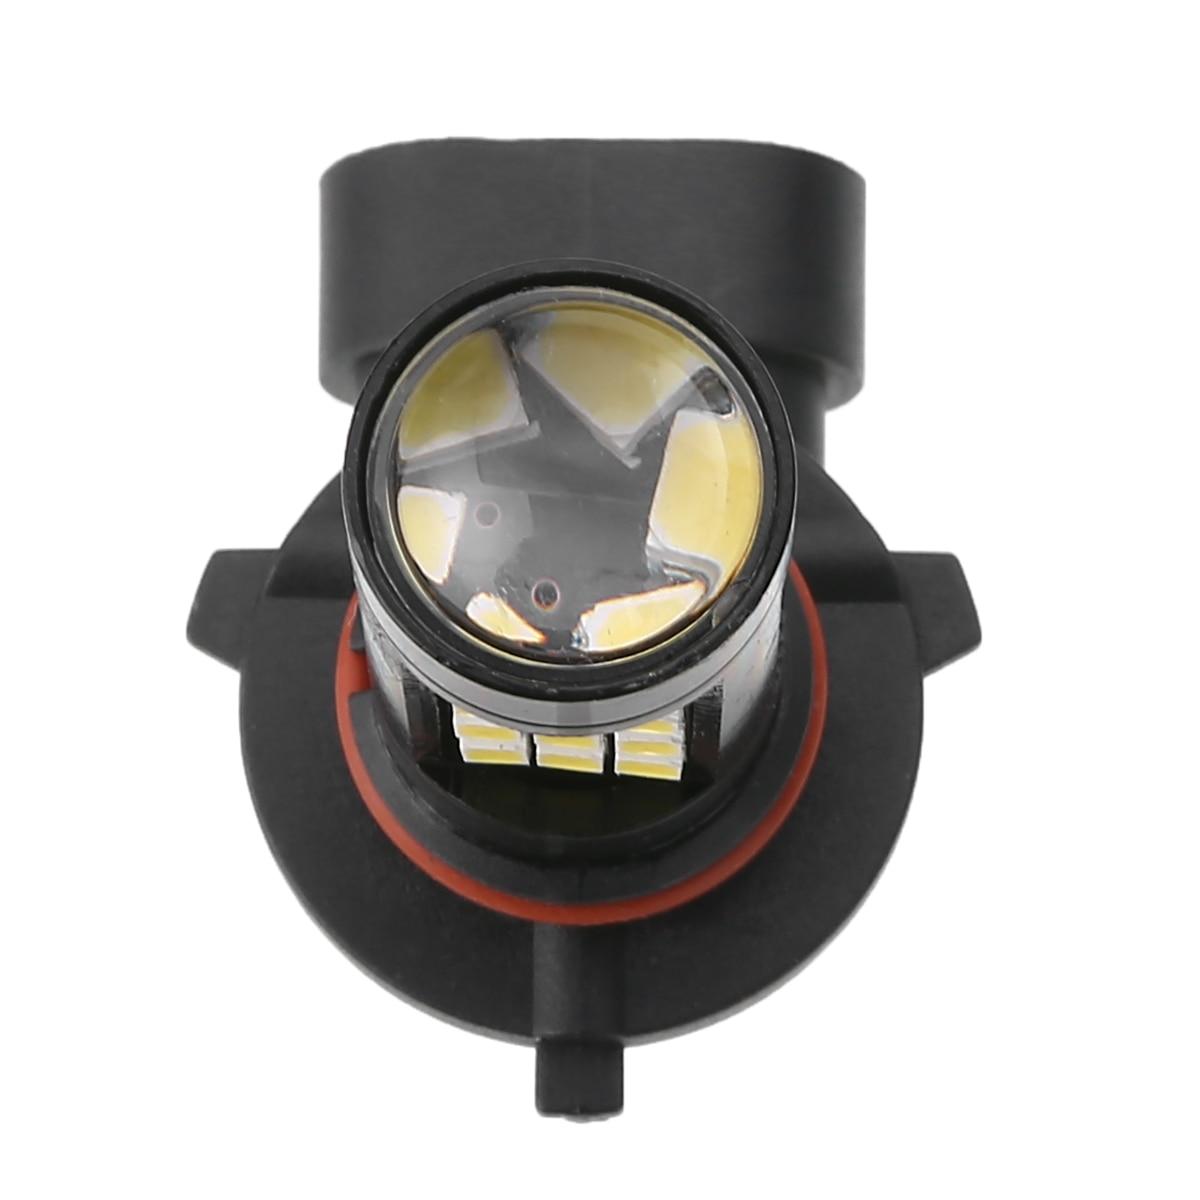 2pcs 9006 HB4 2835 42SMD LED Canbus Error Free 12V Fog Lamp Daytime Running Light Bulb Turning Parking Bulb 6500K White